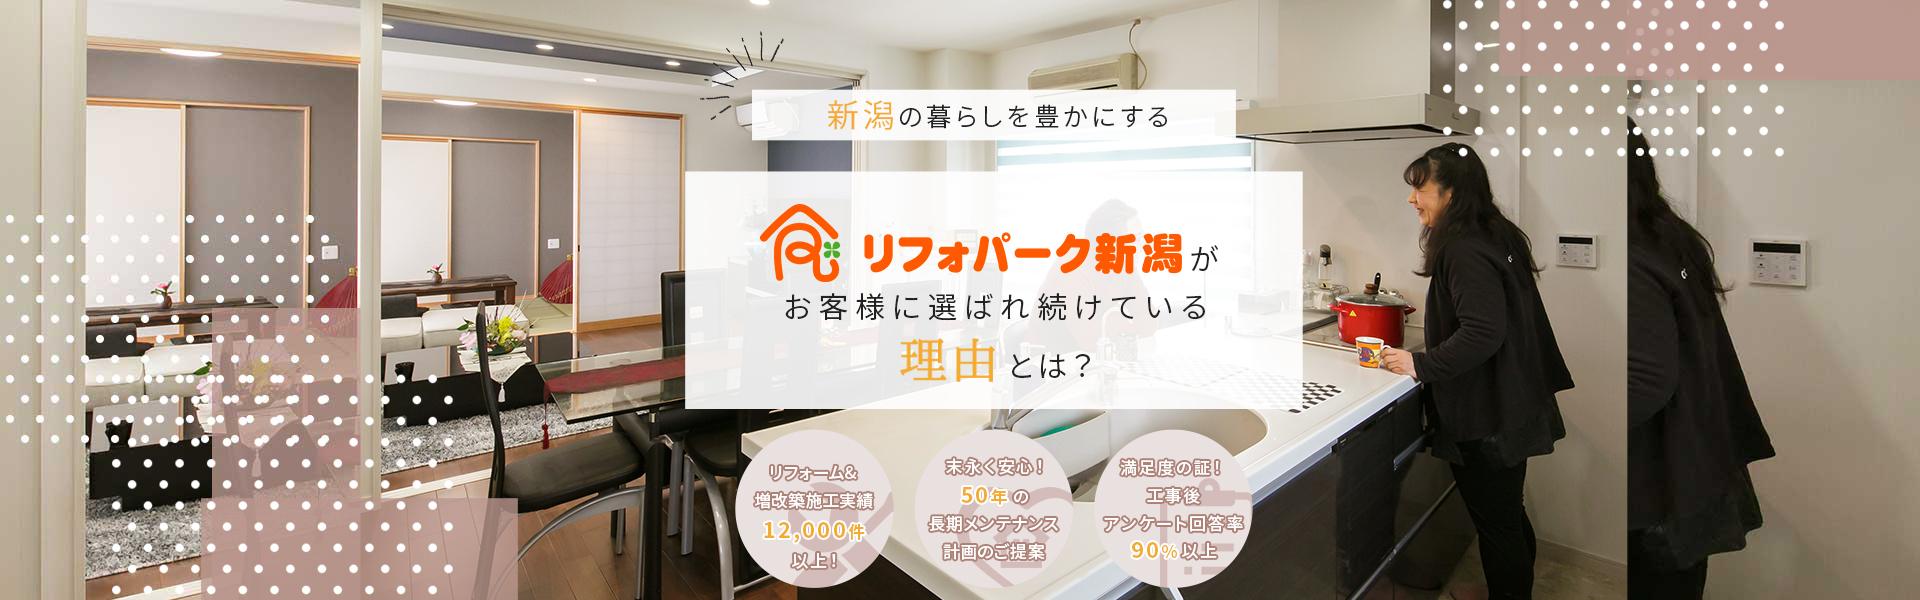 新潟でいちばん笑顔が集まるリフォーム会社 リフォパーク新潟お客様に選ばれ続けている理由とは?